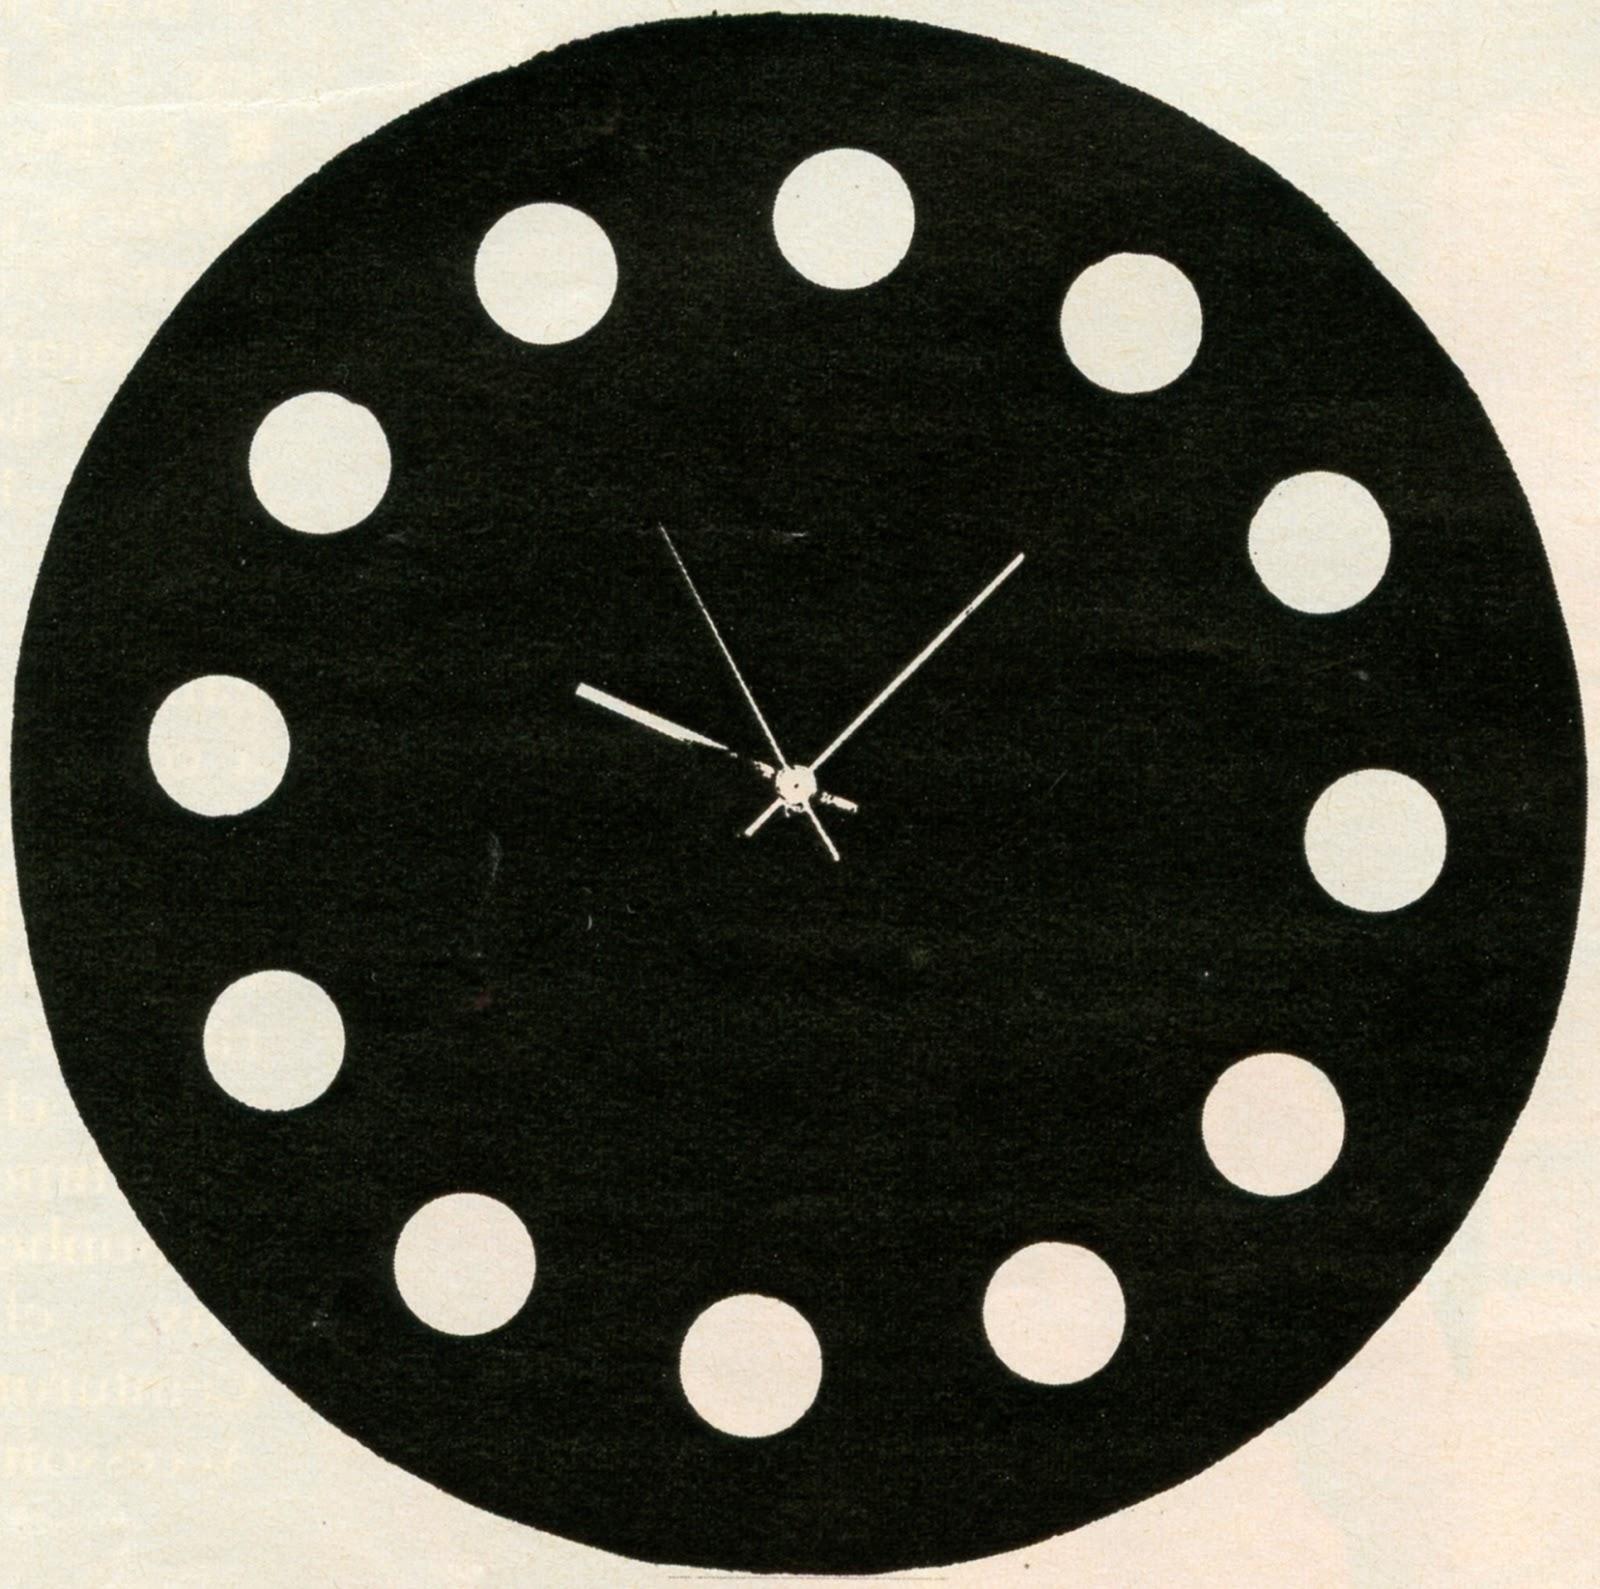 1969 60s 1960s années 60 bicolage horloge pendule clock diy Pour la première fois, vous allez vous-même créer votre pendule .  Et vous verrez comme il est facile de la fabriquer avec le mouvement électrique à pile que nous vous proposons et que vous pourrez adapter où bon vous semble.  Remettons les pendules à l'heure , là je viens de vous baratiner car en aucun cas je ne vous livrerai ce précieux mouvement électrique qui était disponible au siècle dernier .  Bon, tout d'abord, il suffit de percer un trou net de 1 cm de diamètre dans n'importe quel support  - non vivant  - n'excédant pas 1 cm d'épaisseur .  Le mouvement se monte en quelques secondes : il suffit de visser un écrou et d'enfoncer les deux aiguilles et la trotteuse. Et le tour est (bien)  joué.    Oh, je vous sens remonté comme une pendule , le tournevis a rippé ???  Maintenant, vous allez tout mettre à l'heure :  un disque de Giuda, une lithographie de Jean Arp  , le dernier pack de Coreff pillavé, une photo-gag de Willy Le Connard en fin de soirée , une assiette ancienne de Nicolae Ceaușescu , un livre de Reg Smythe , le dossier d'un fauteuil AA qui trainerait sur un balcon à Vaires ...     Et si vous n'avez pas d'imagination, pas la peine d'en faire toute une pendule , vous pouvez nous copier et vous inspirer de nos modèles , promis, on ne vous demandera rien en échange ... J'ai quelques disques dans ma wantlist mais ... non, non, laissez tomber .  LE « CARTON » : côté 30 cm , diamètre de la cible 27 cm. Peint à la gouache.LE POINT D'INTERROGATION : un carré de carton blanc. Signe peint à la gouache (côté 20 cm)LE CARRÉ : fond vert, tour et chiffres jaune d'or ( d'accord , la photo est en noir et blanc , mais vous n'allez pas en chier une pendule flute ! )  Carton découpé peint à la gouache (côté 18 cm)  LE   HUIT  :   noir  et  blanc,   points  rouges. Peint sur papier et à contrecoller sur carton (hauteur 50 cm). LA PENDULE À PASTILLES : découper un rond de carton (37 cm de diamètre). Peindre à la 